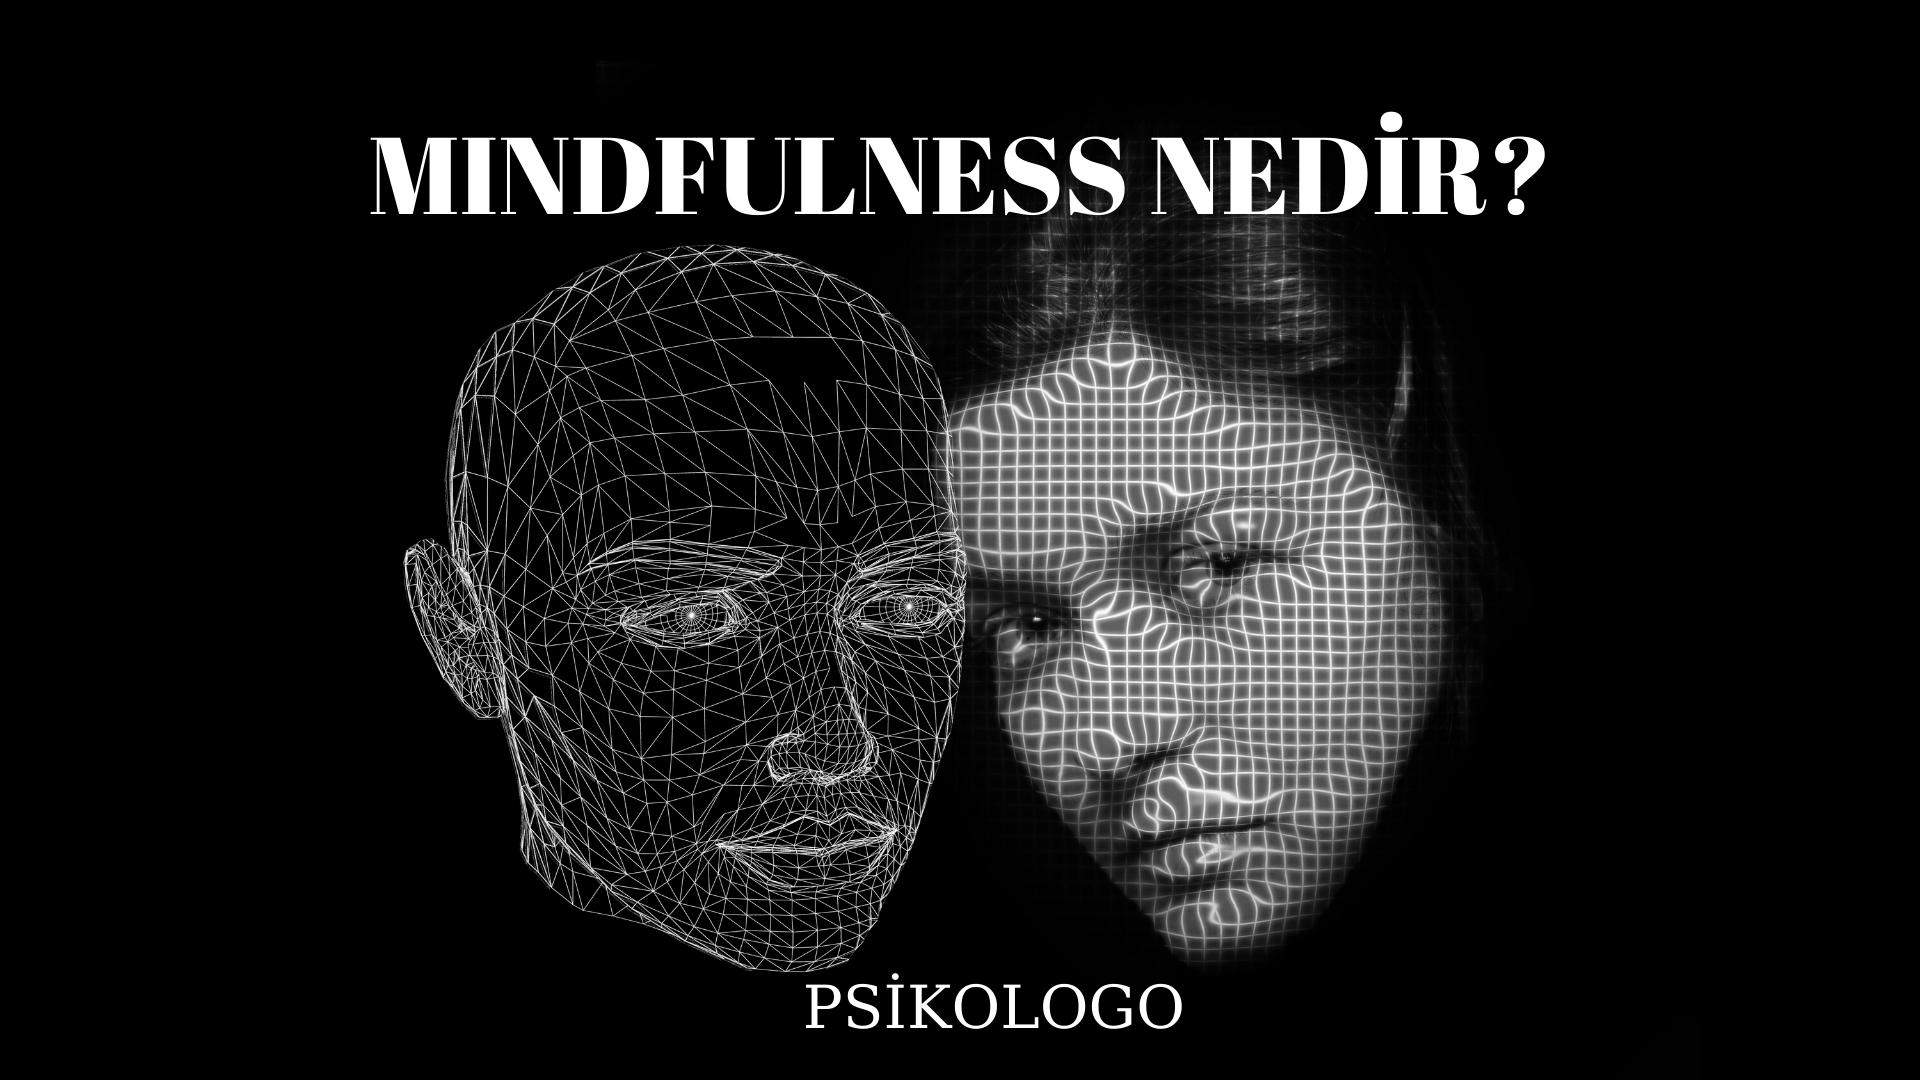 MINDFULNESS NEDİR? 5